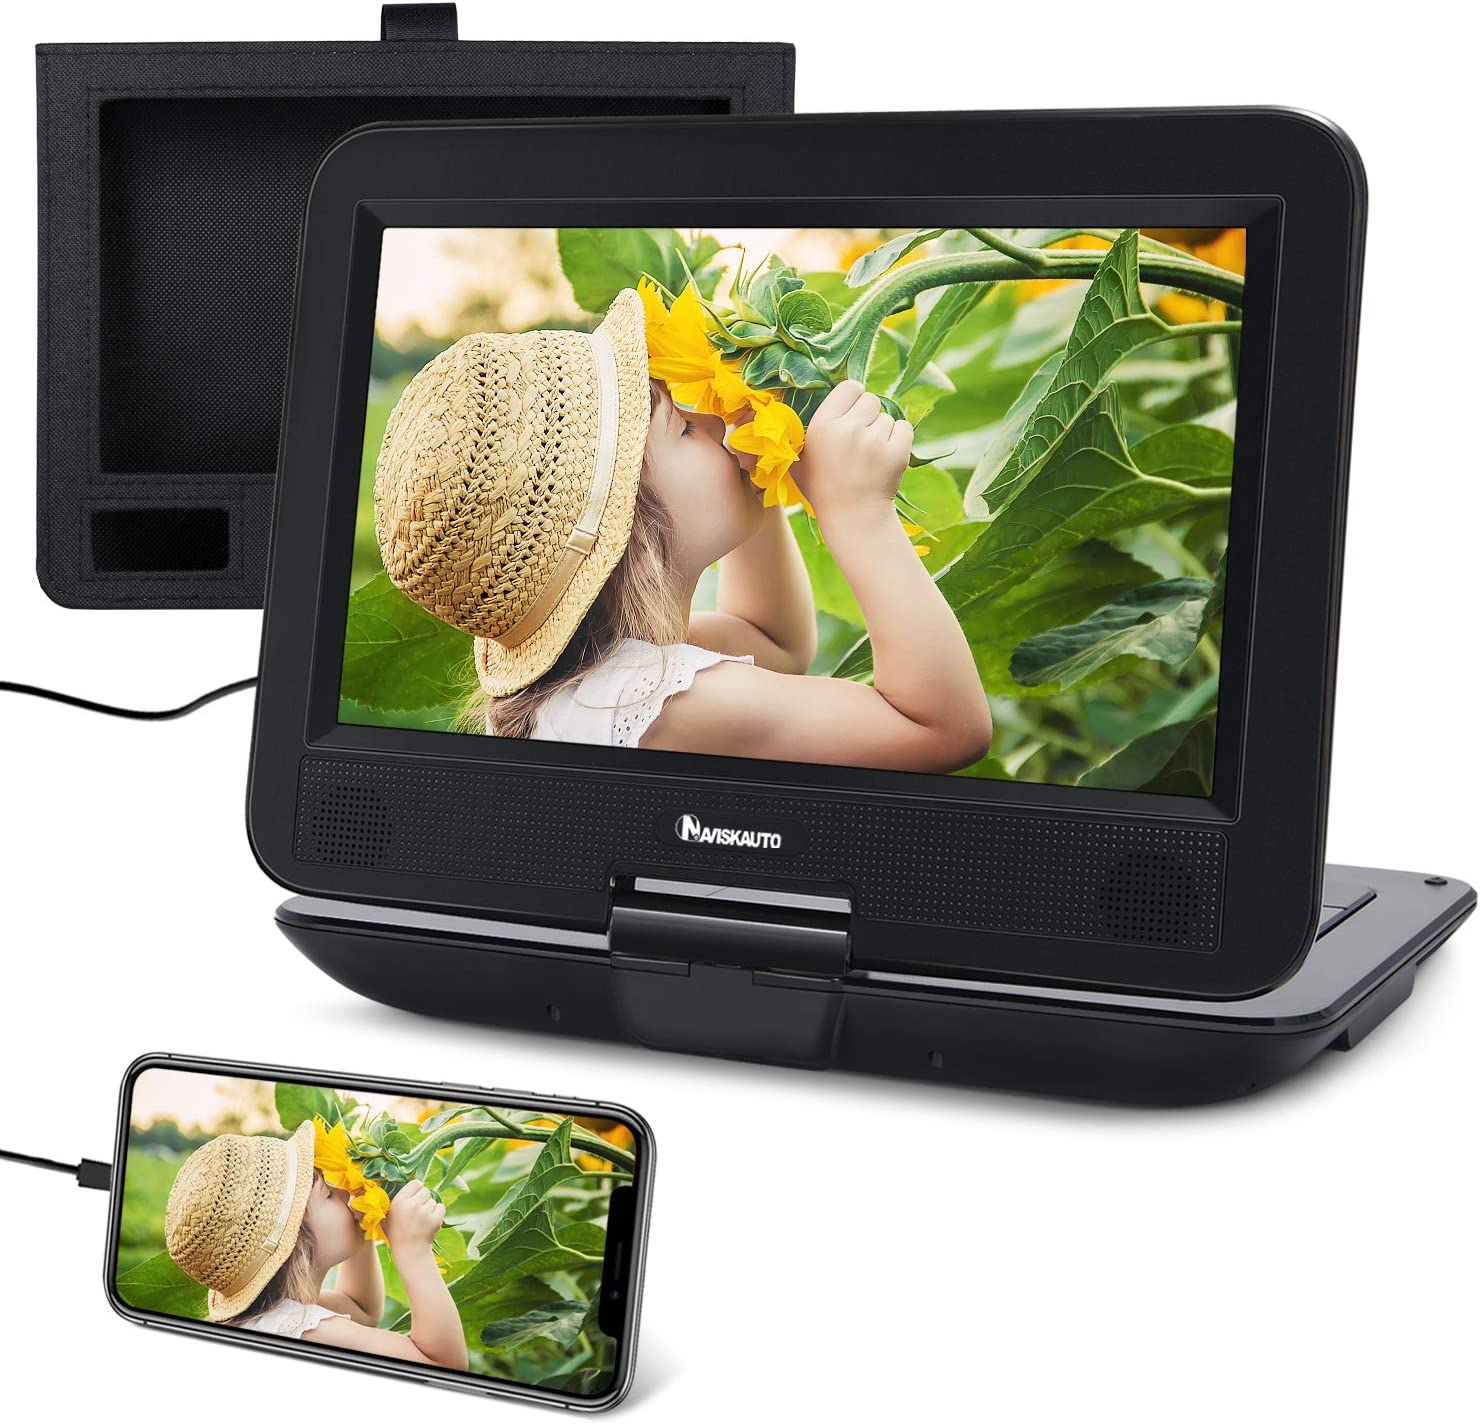 """10.1"""" DVD Portátil Coche soporta HDMI Entrada con Pantalla Giratoria, Reproductor DVD para Niño con Batería Recargable, soporta USB/DVD/CD Región Libre con Mando a Distancia - NAVISKAUTO"""